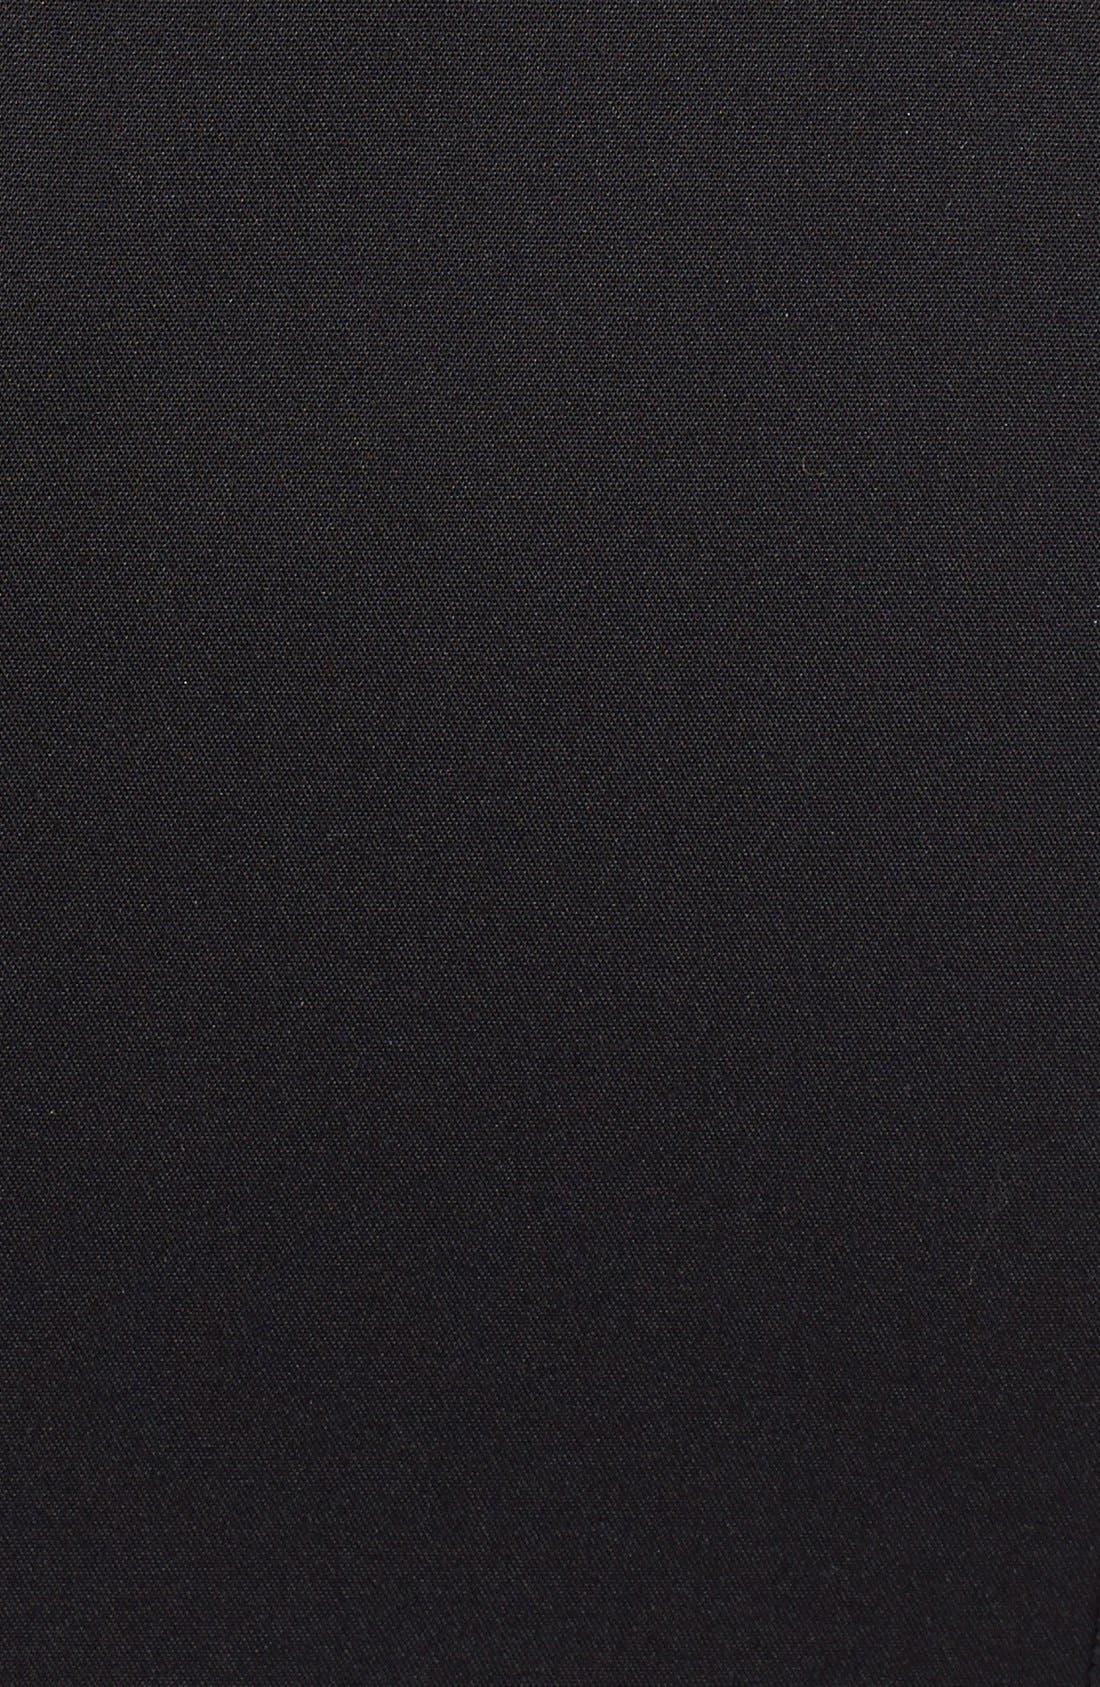 'Estelle' Cutout Cotton Blend Sheath Dress,                             Alternate thumbnail 5, color,